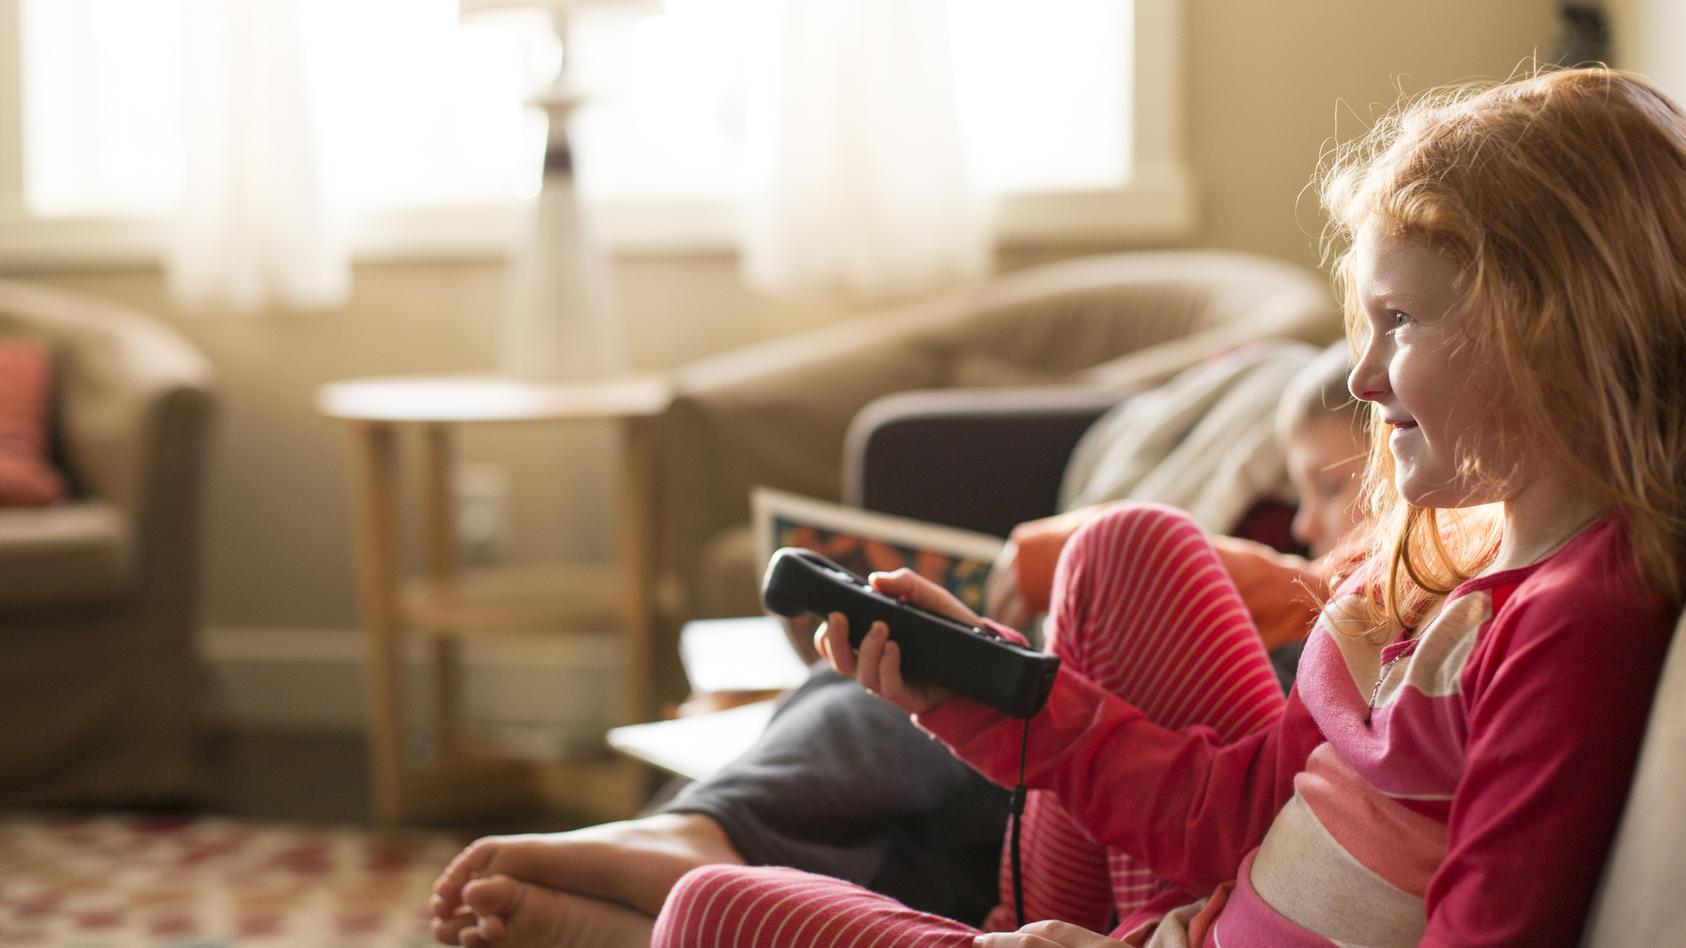 Kinder können sich bei zahlreichen Sendern Wissensmagazine und Kindernachrichten ansehen.